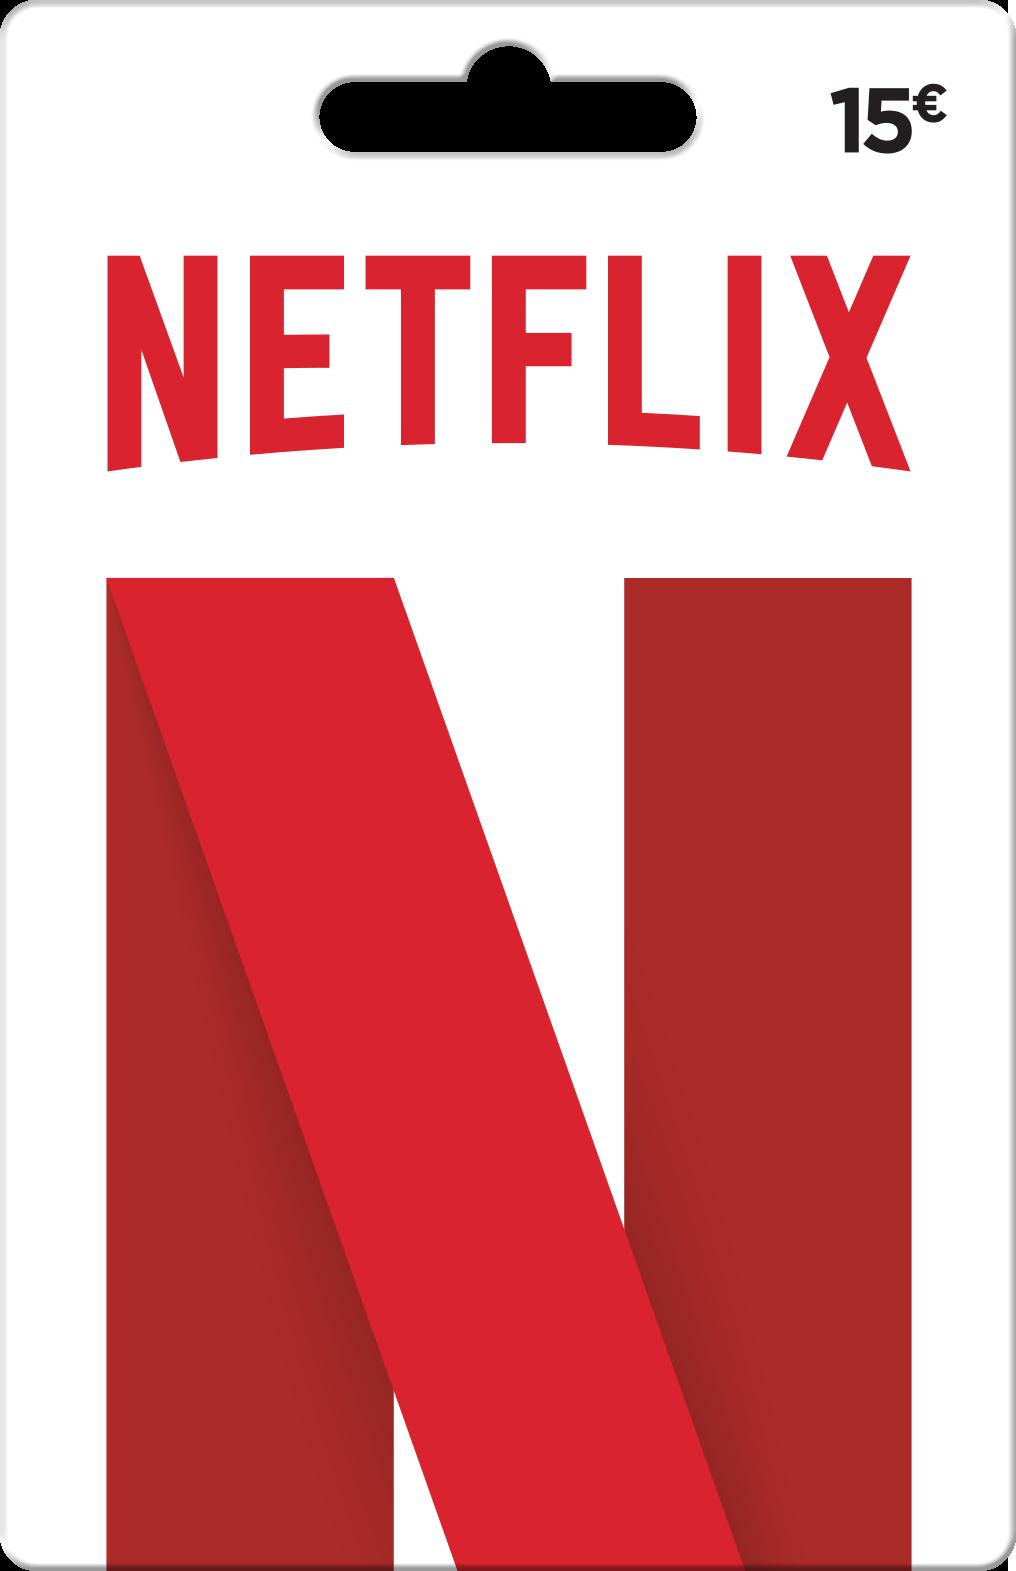 Rewe Karte.Netflix